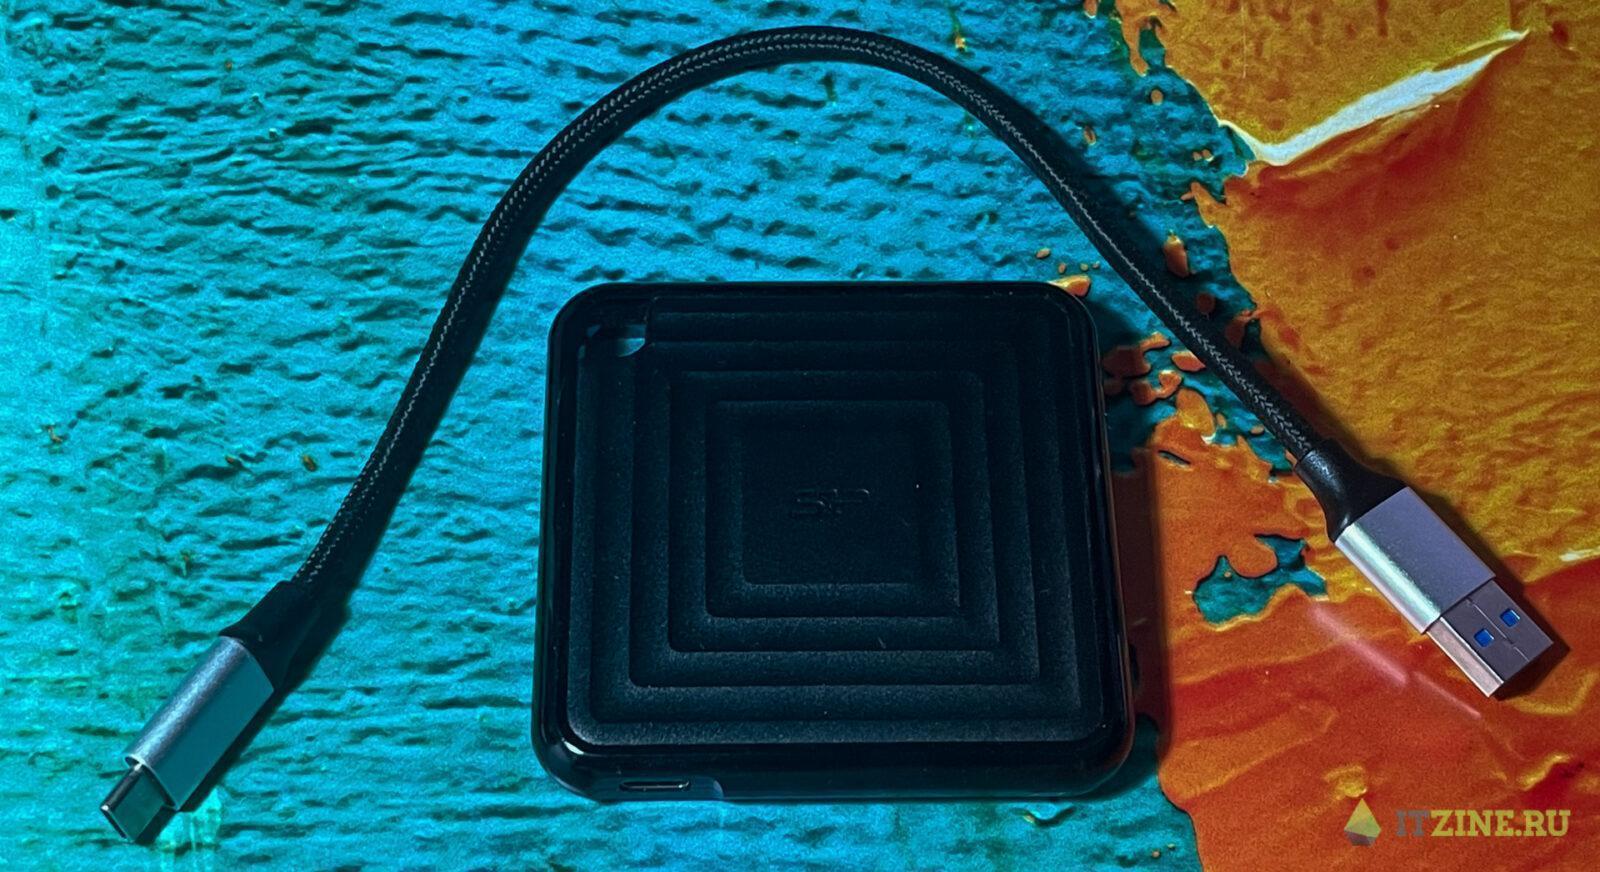 Обзор недорогого внешнего SSD-накопителя Silicon Power PC60 (pc60 03)